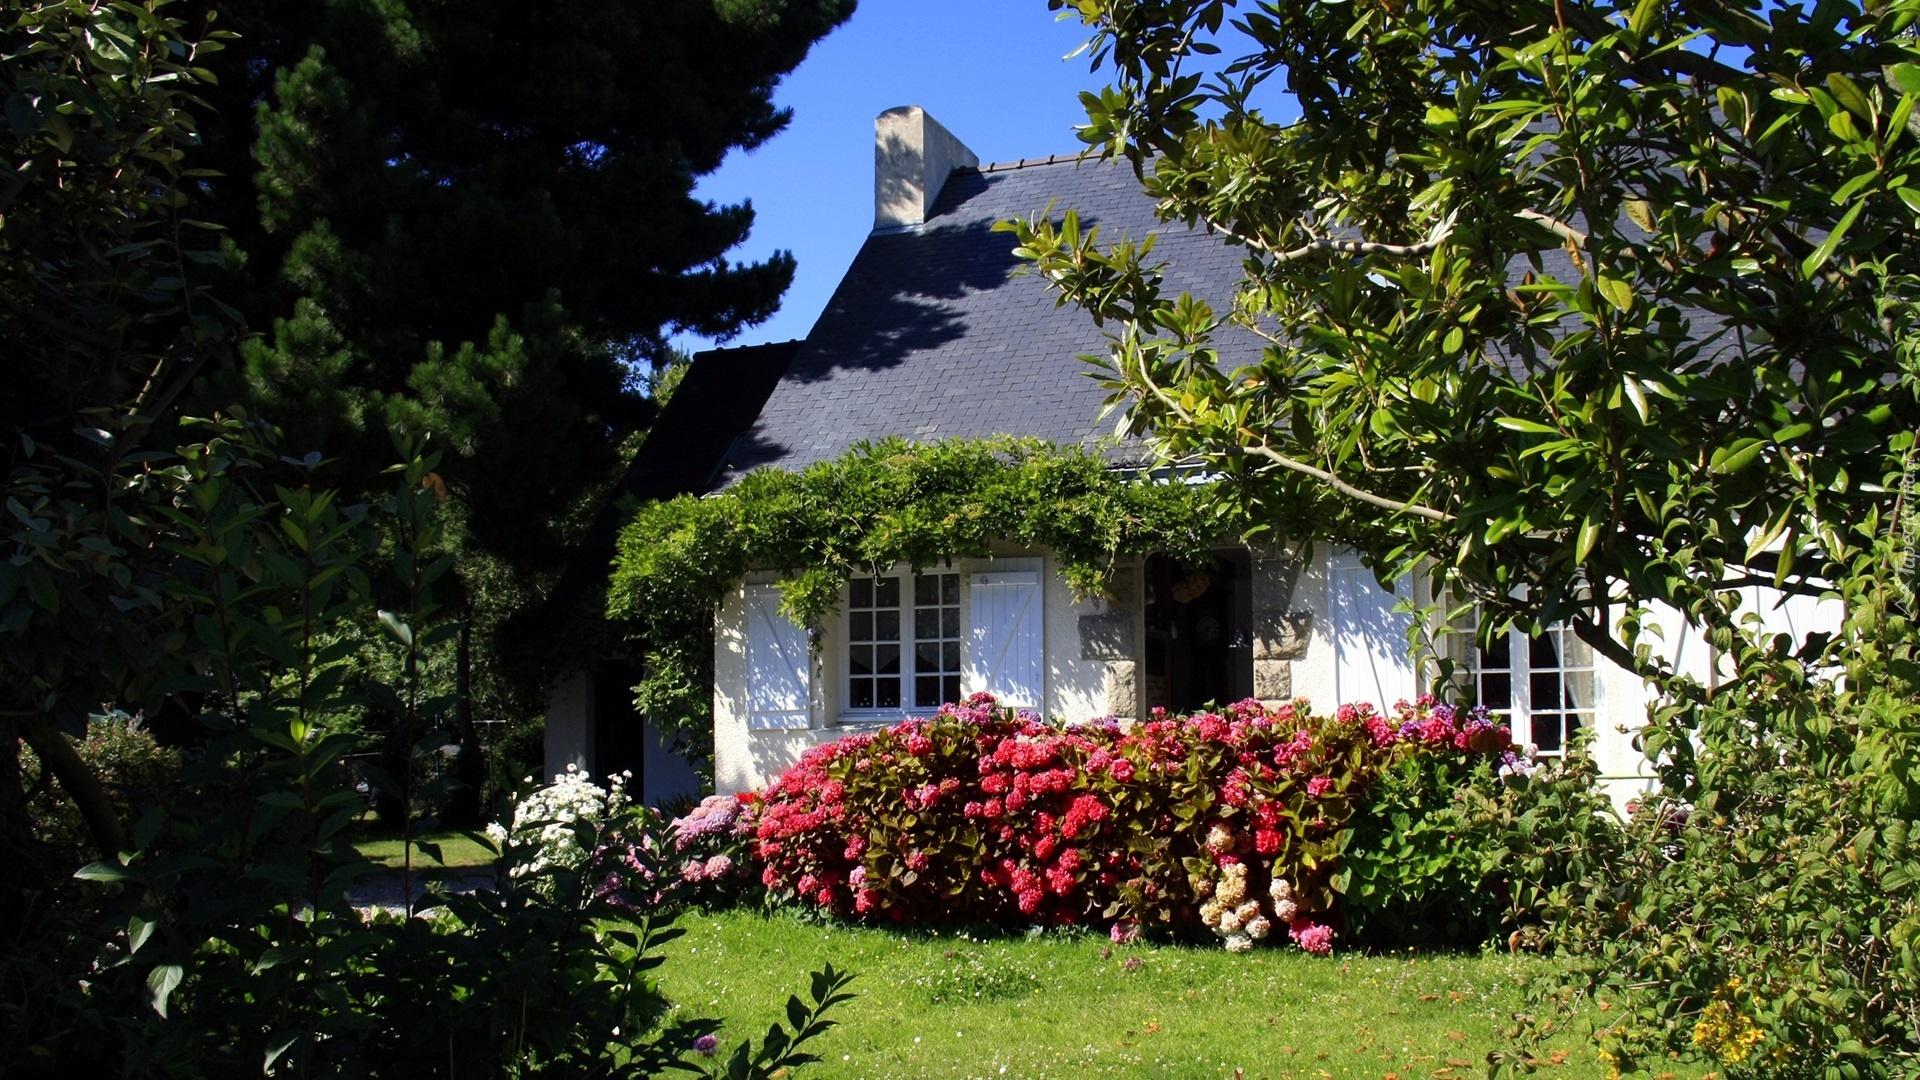 Wiejski, Domek, Ogród, Drzewa, Kwiaty